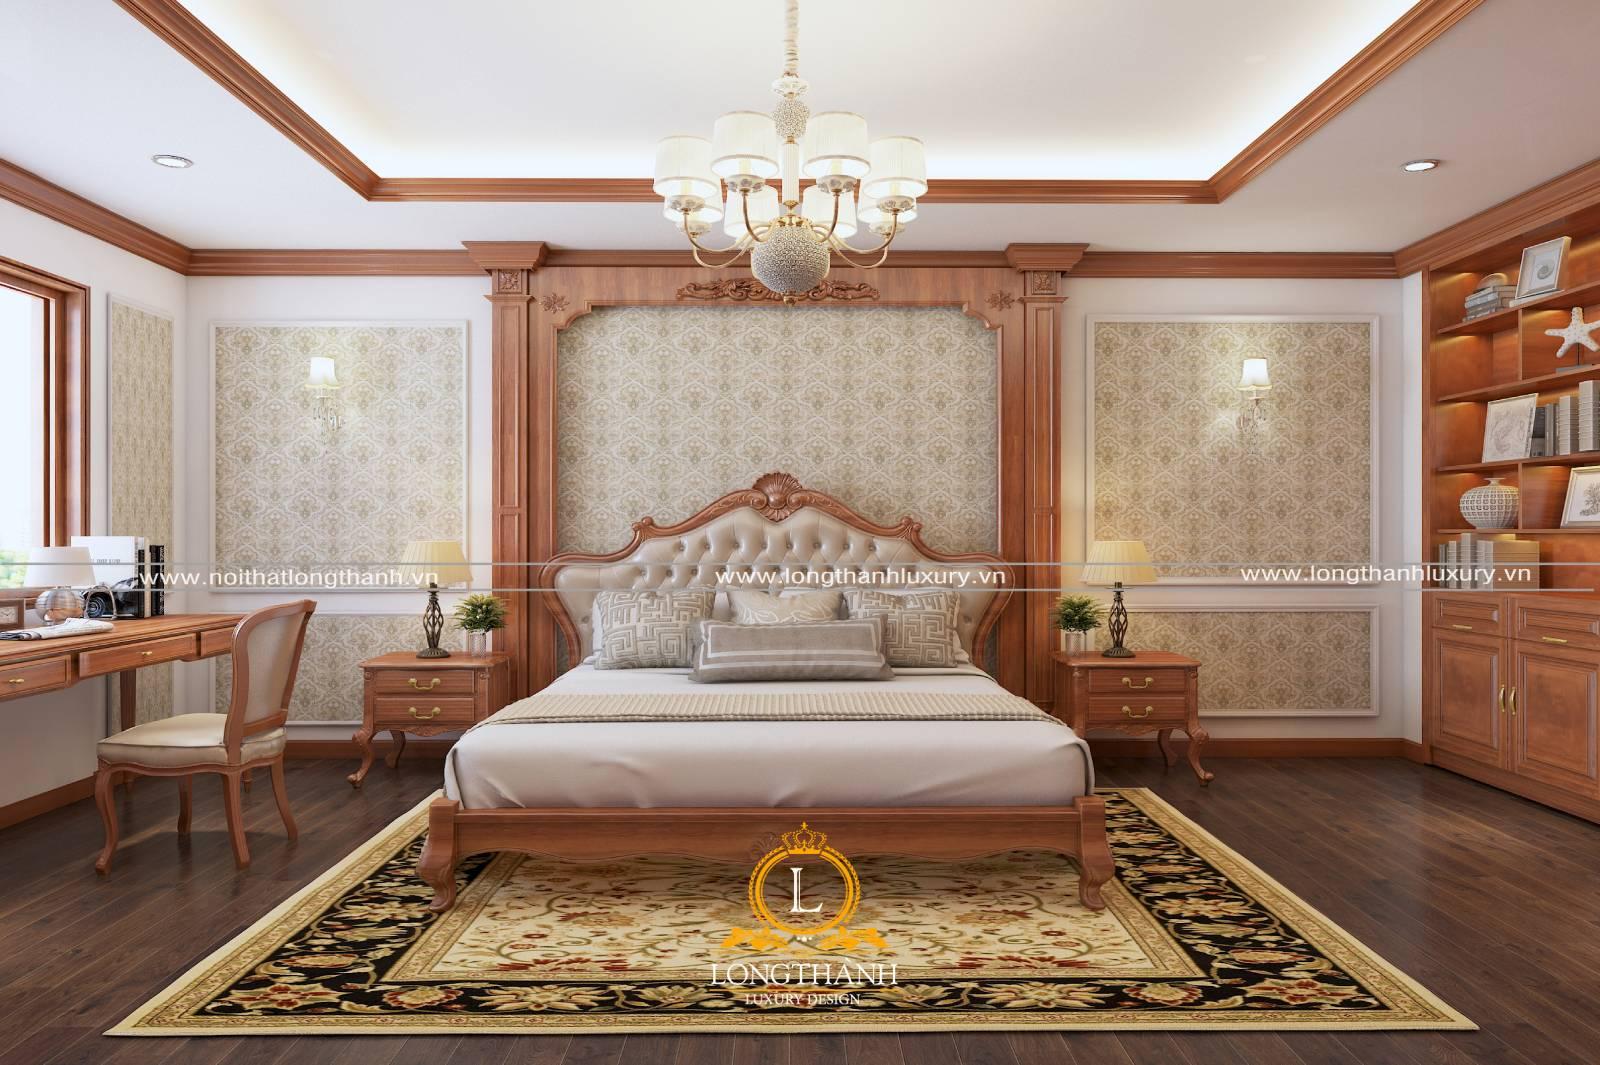 Mẫu giường ngủ tân cổ điển đơn giản chất liệu gỗ tự nhiên